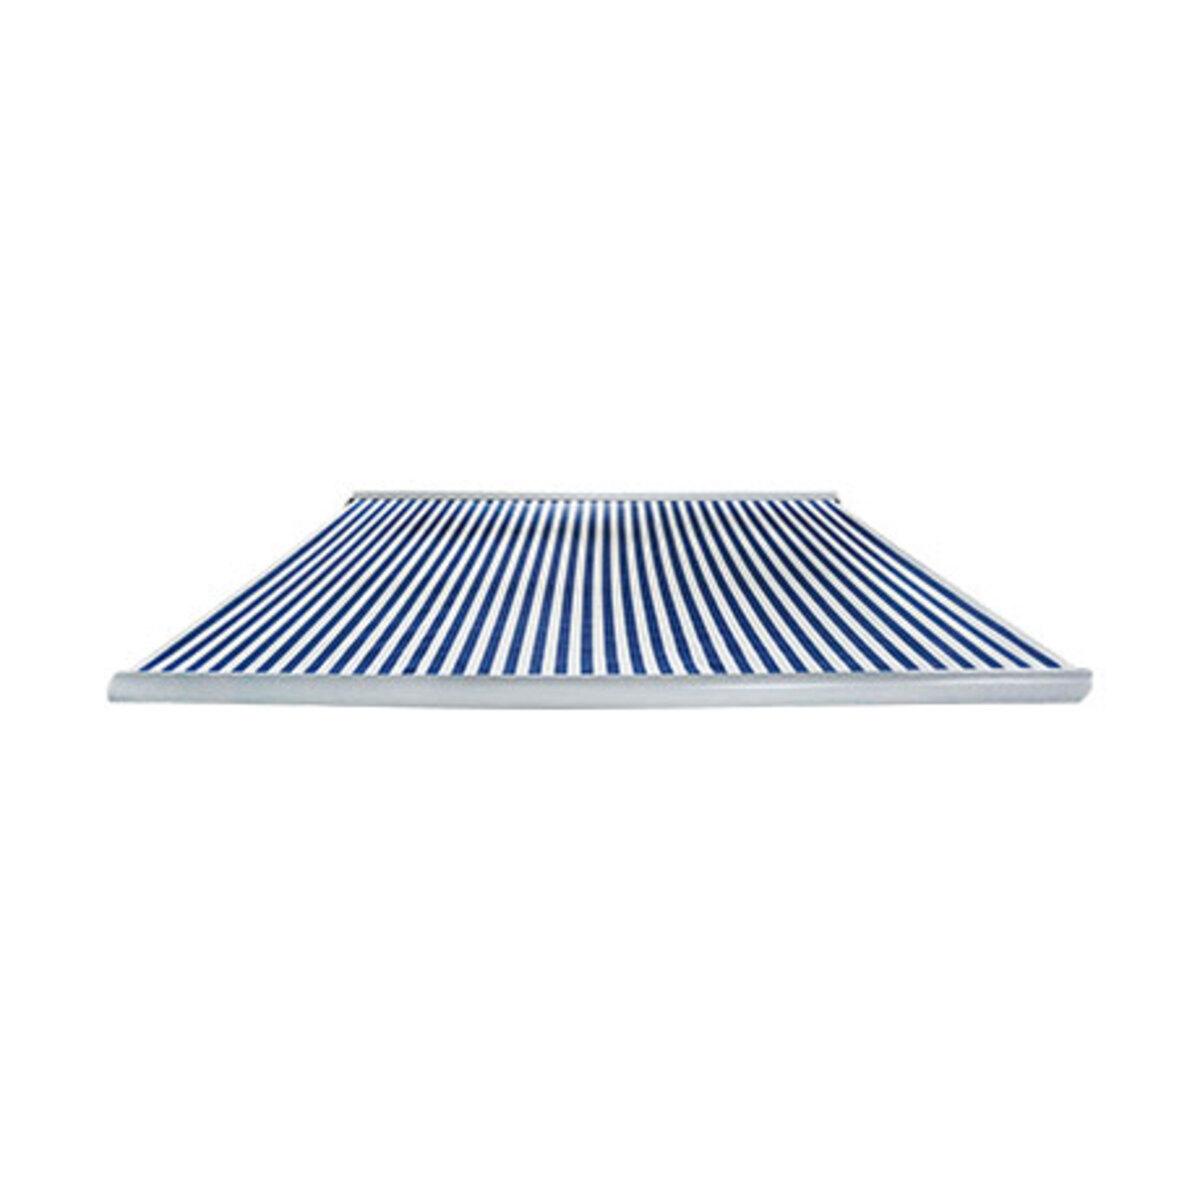 Bild 3 von LED-Vollkassettenmarkise 400x300 cm, marineblau1